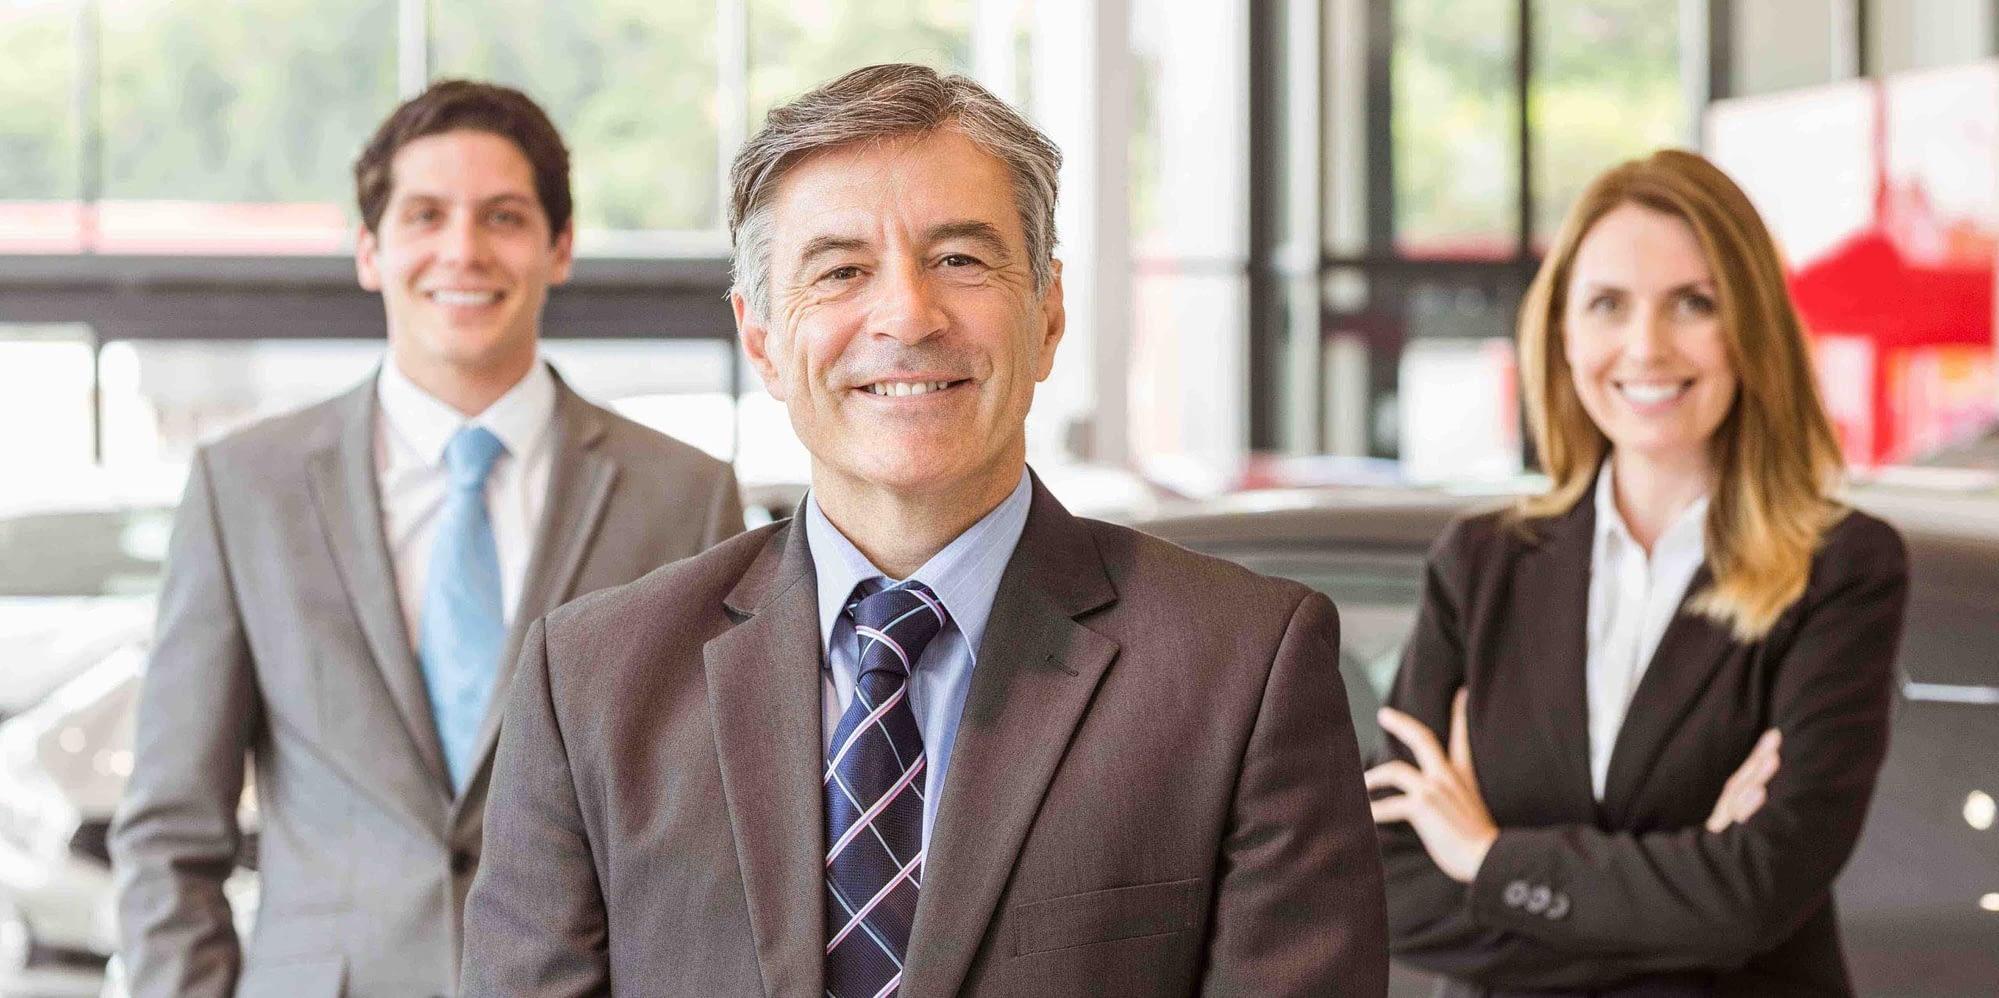 Commercial automotive recruitment